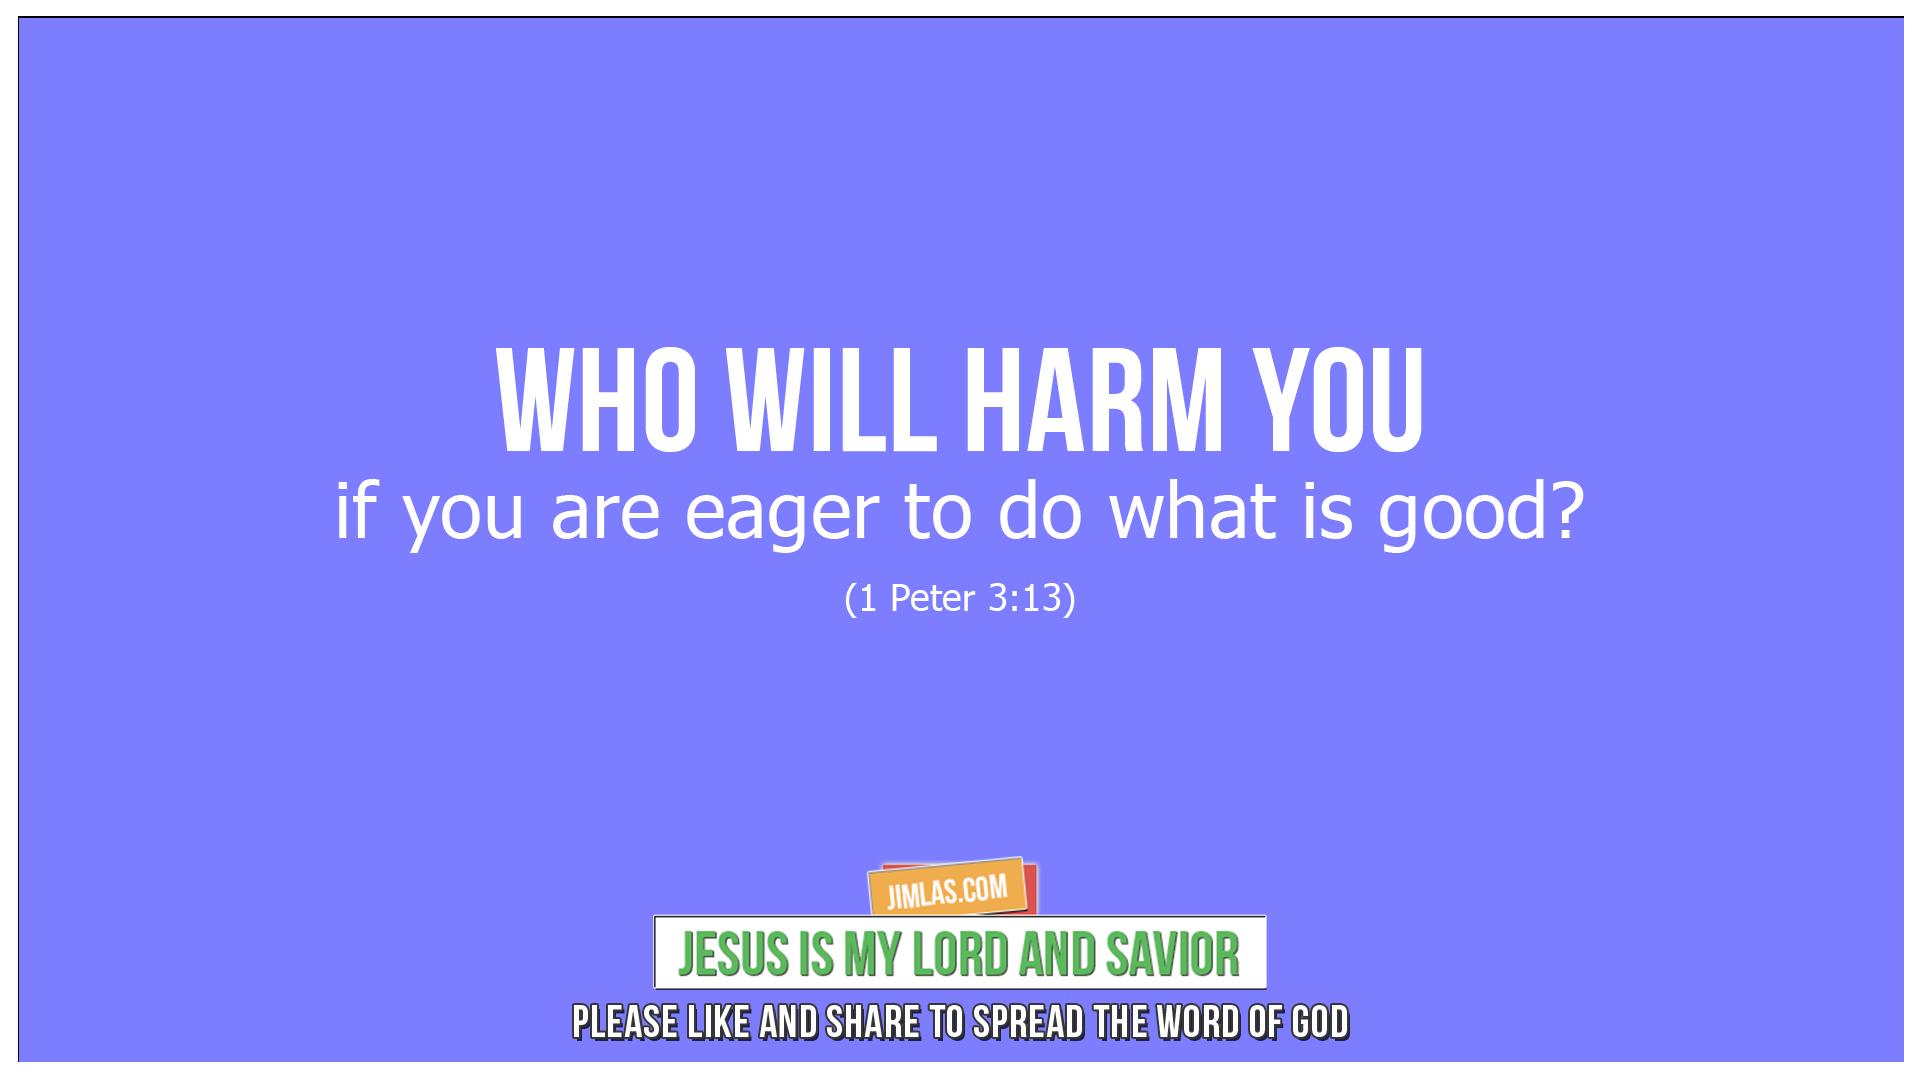 1 peter 3 13, 1 Peter 3:13